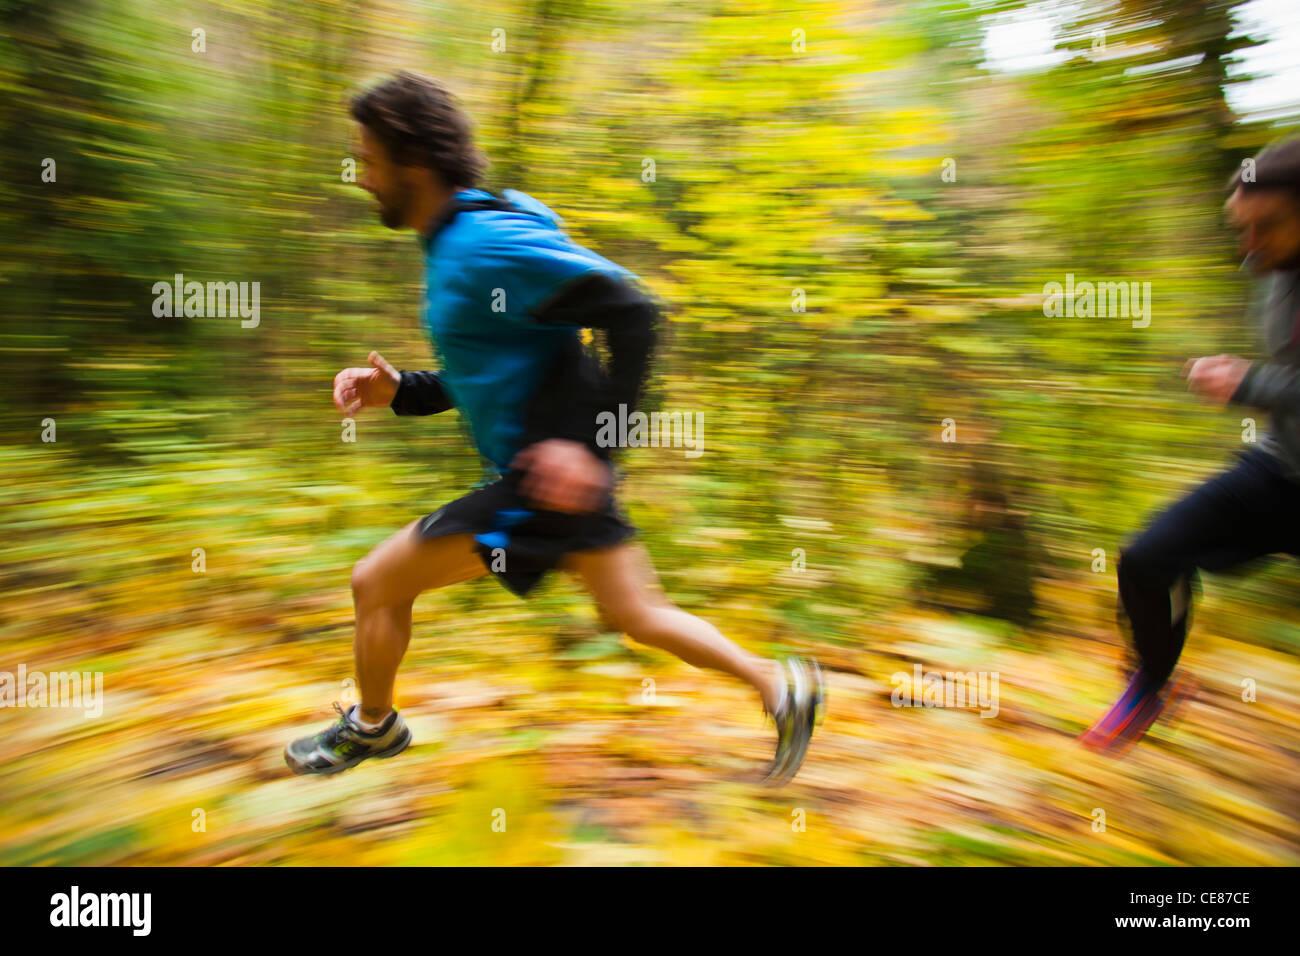 54706a65bdd Einem hohen Winkel schwenken Blick auf zwei Männer Trailrunning in  Herbstfarben. Stockbild